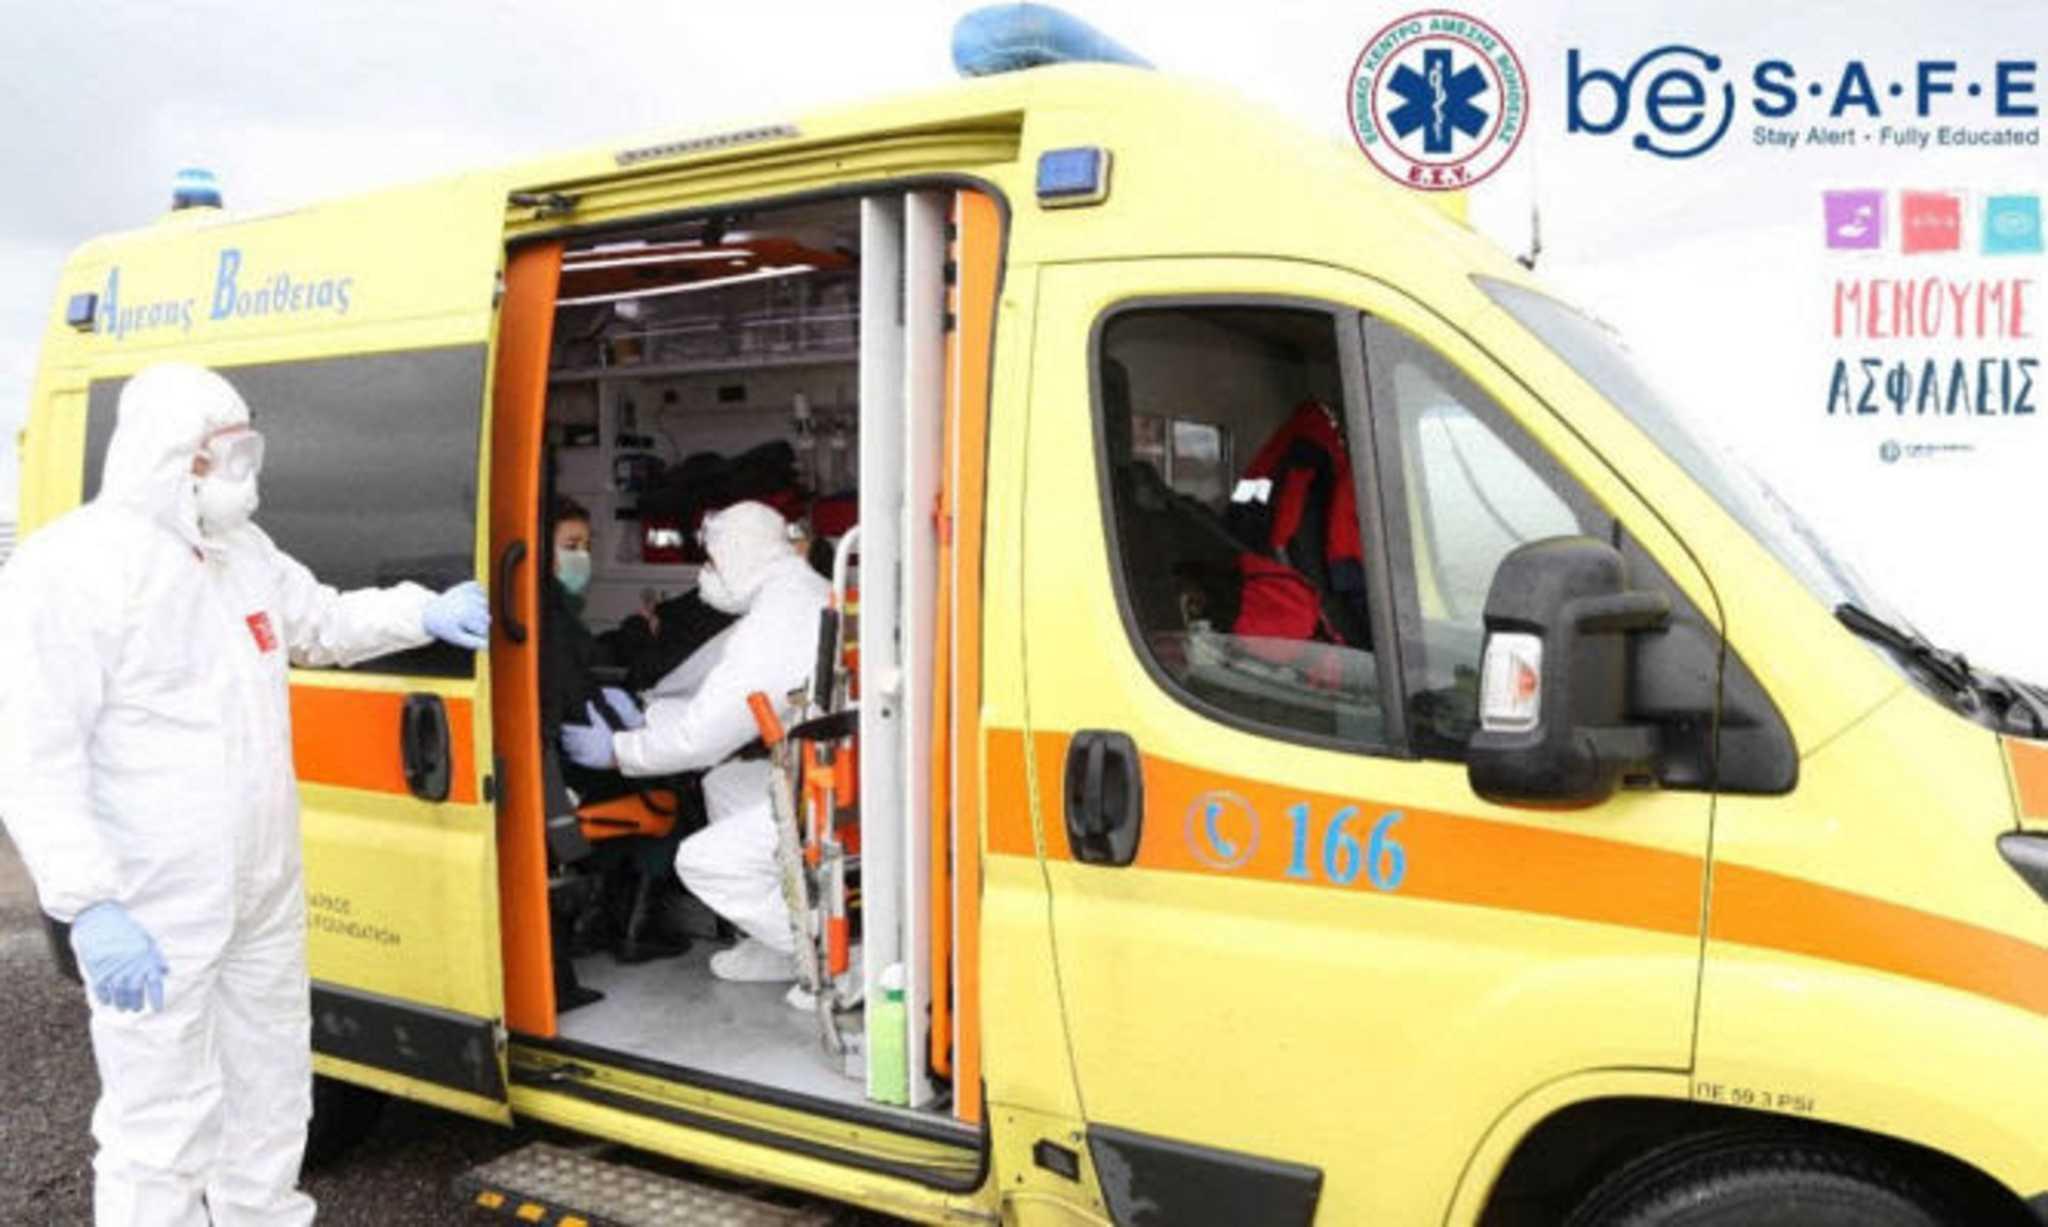 ΕΚΑΒ: Καθυστέρησε… 5 ώρες να παραλάβει, ΕΚΑΒ: Καθυστέρησε… 5 ώρες να παραλάβει ασθενή – Διατάχθηκε ΕΔΕ, Eviathema.gr   Εύβοια Τοπ Νέα Ειδήσεις